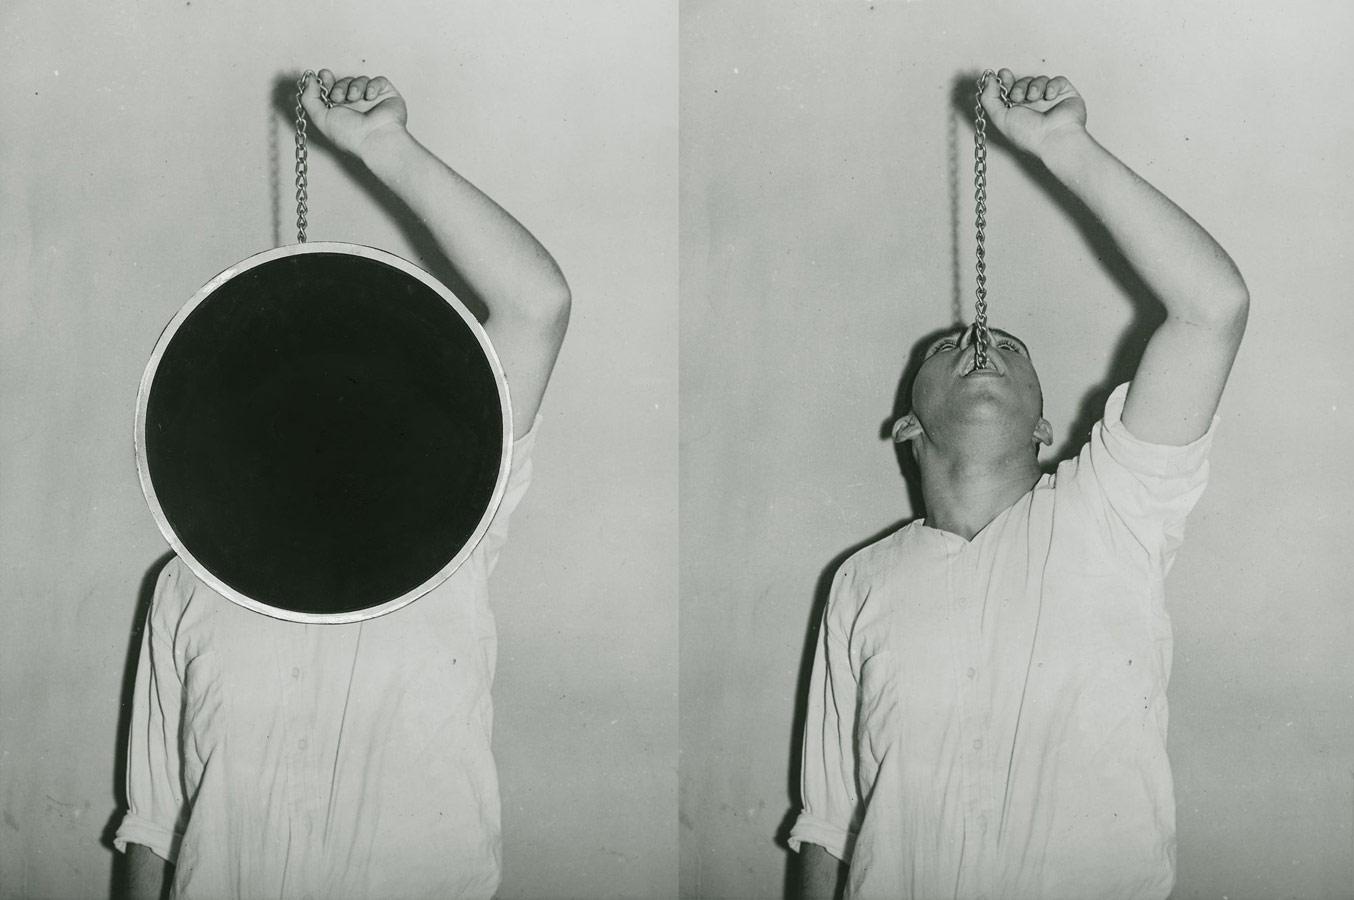 Что фотография имеет общего с пустой вазой, © Эдгар Мартинс, Великобритания, 3-е место : Серия, Конкурс «Художественная фотография» от LensCulture